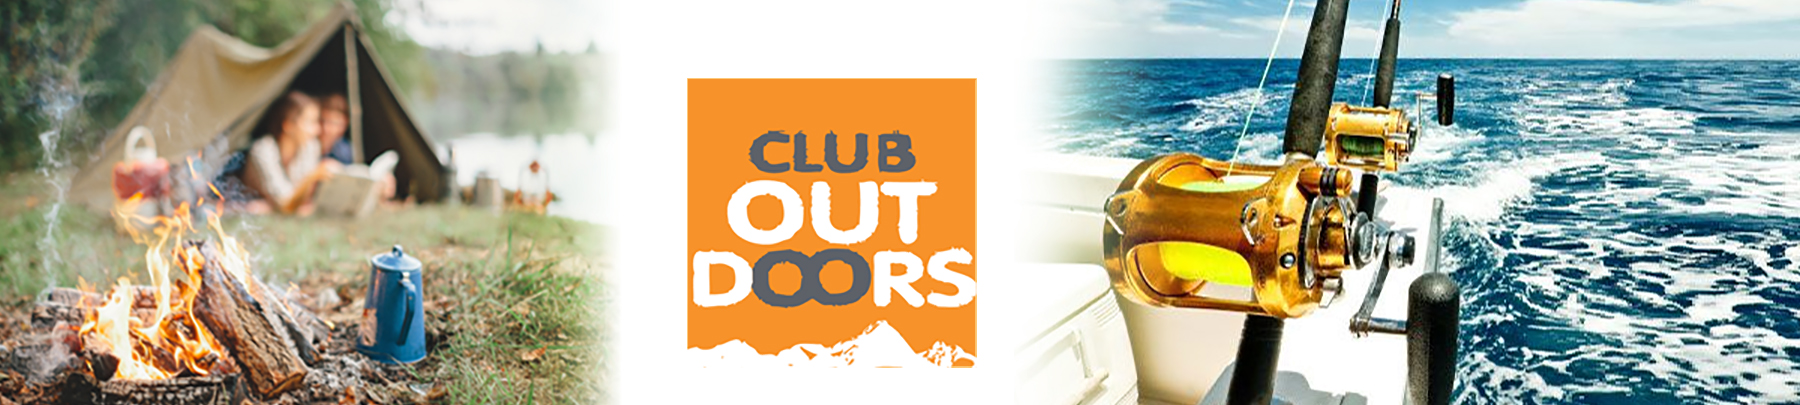 club-out-doors.jpg